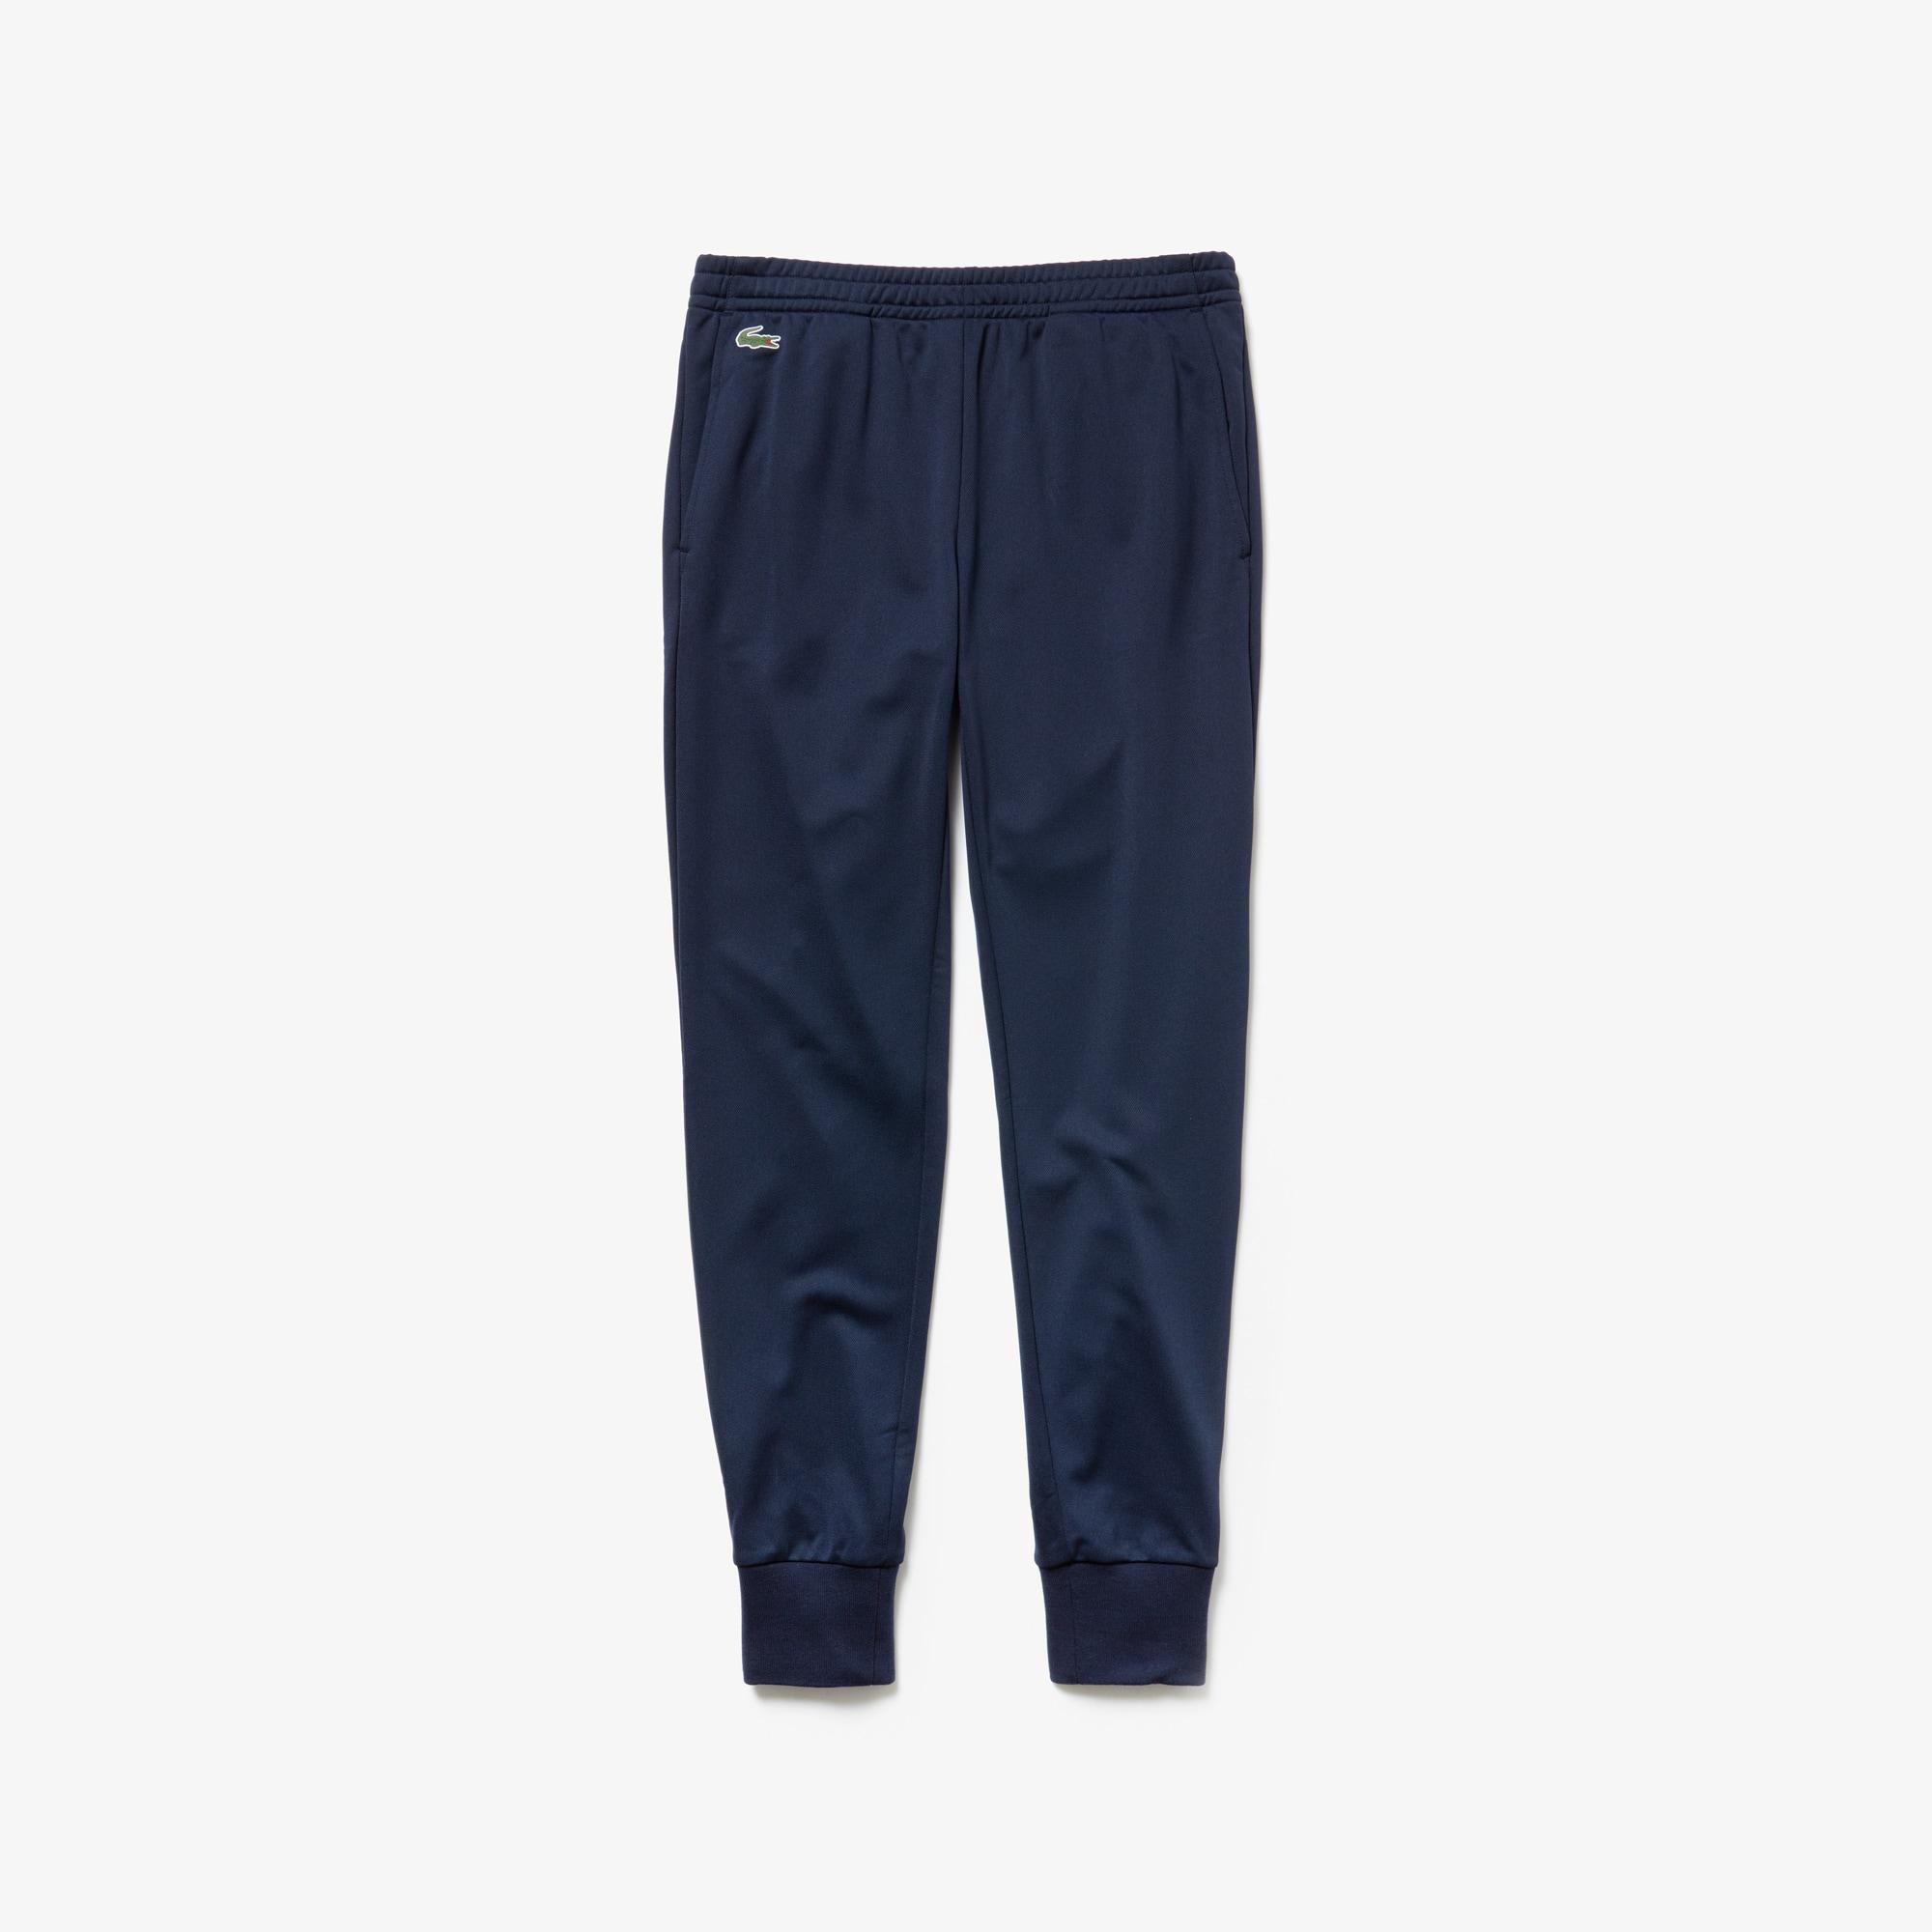 Pantalon de suvêtement Tennis Lacoste SPORT uni